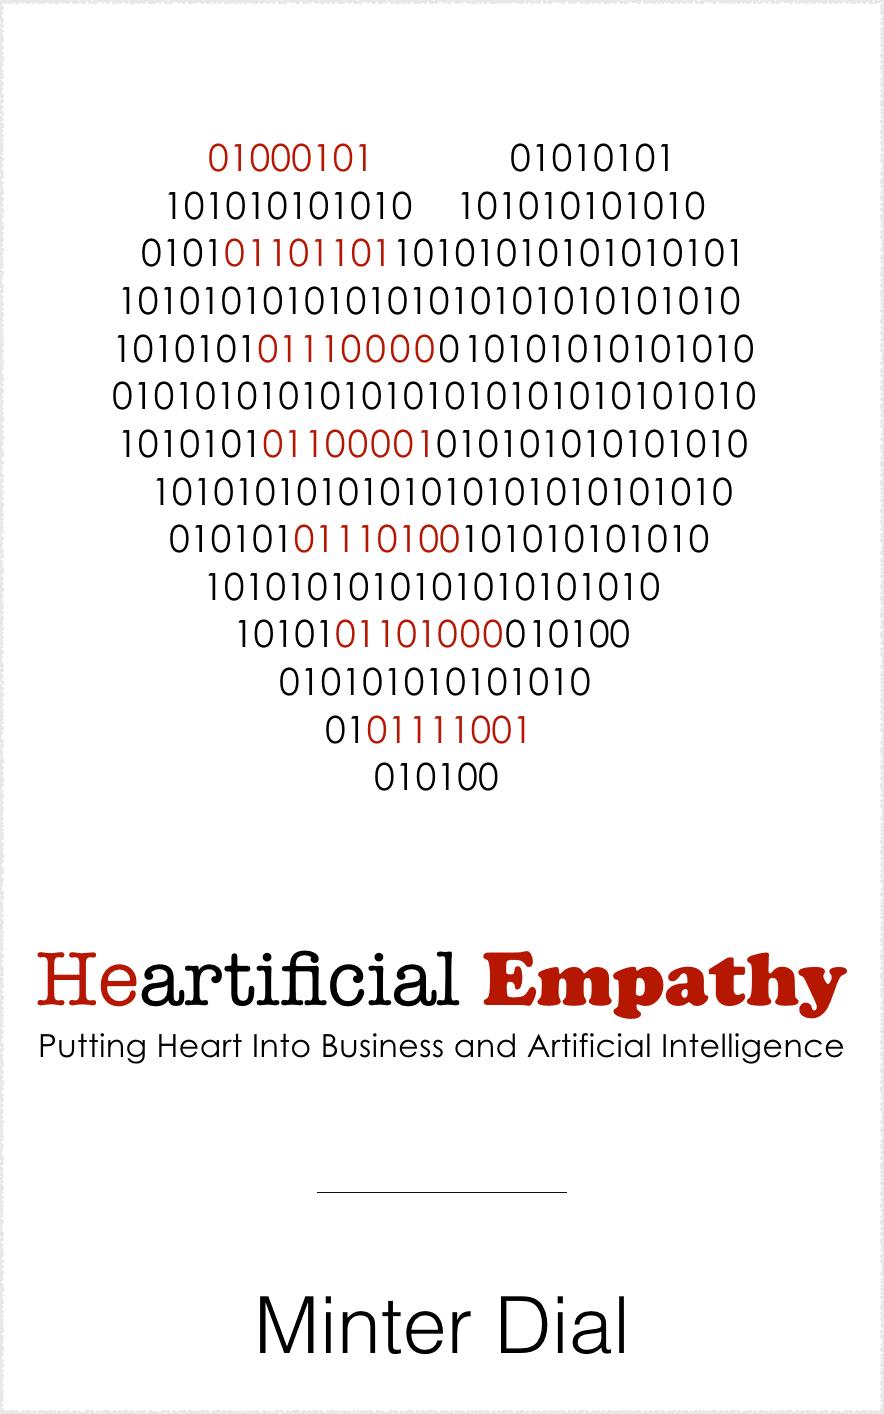 Heartificial Empathy book cover 1414*884